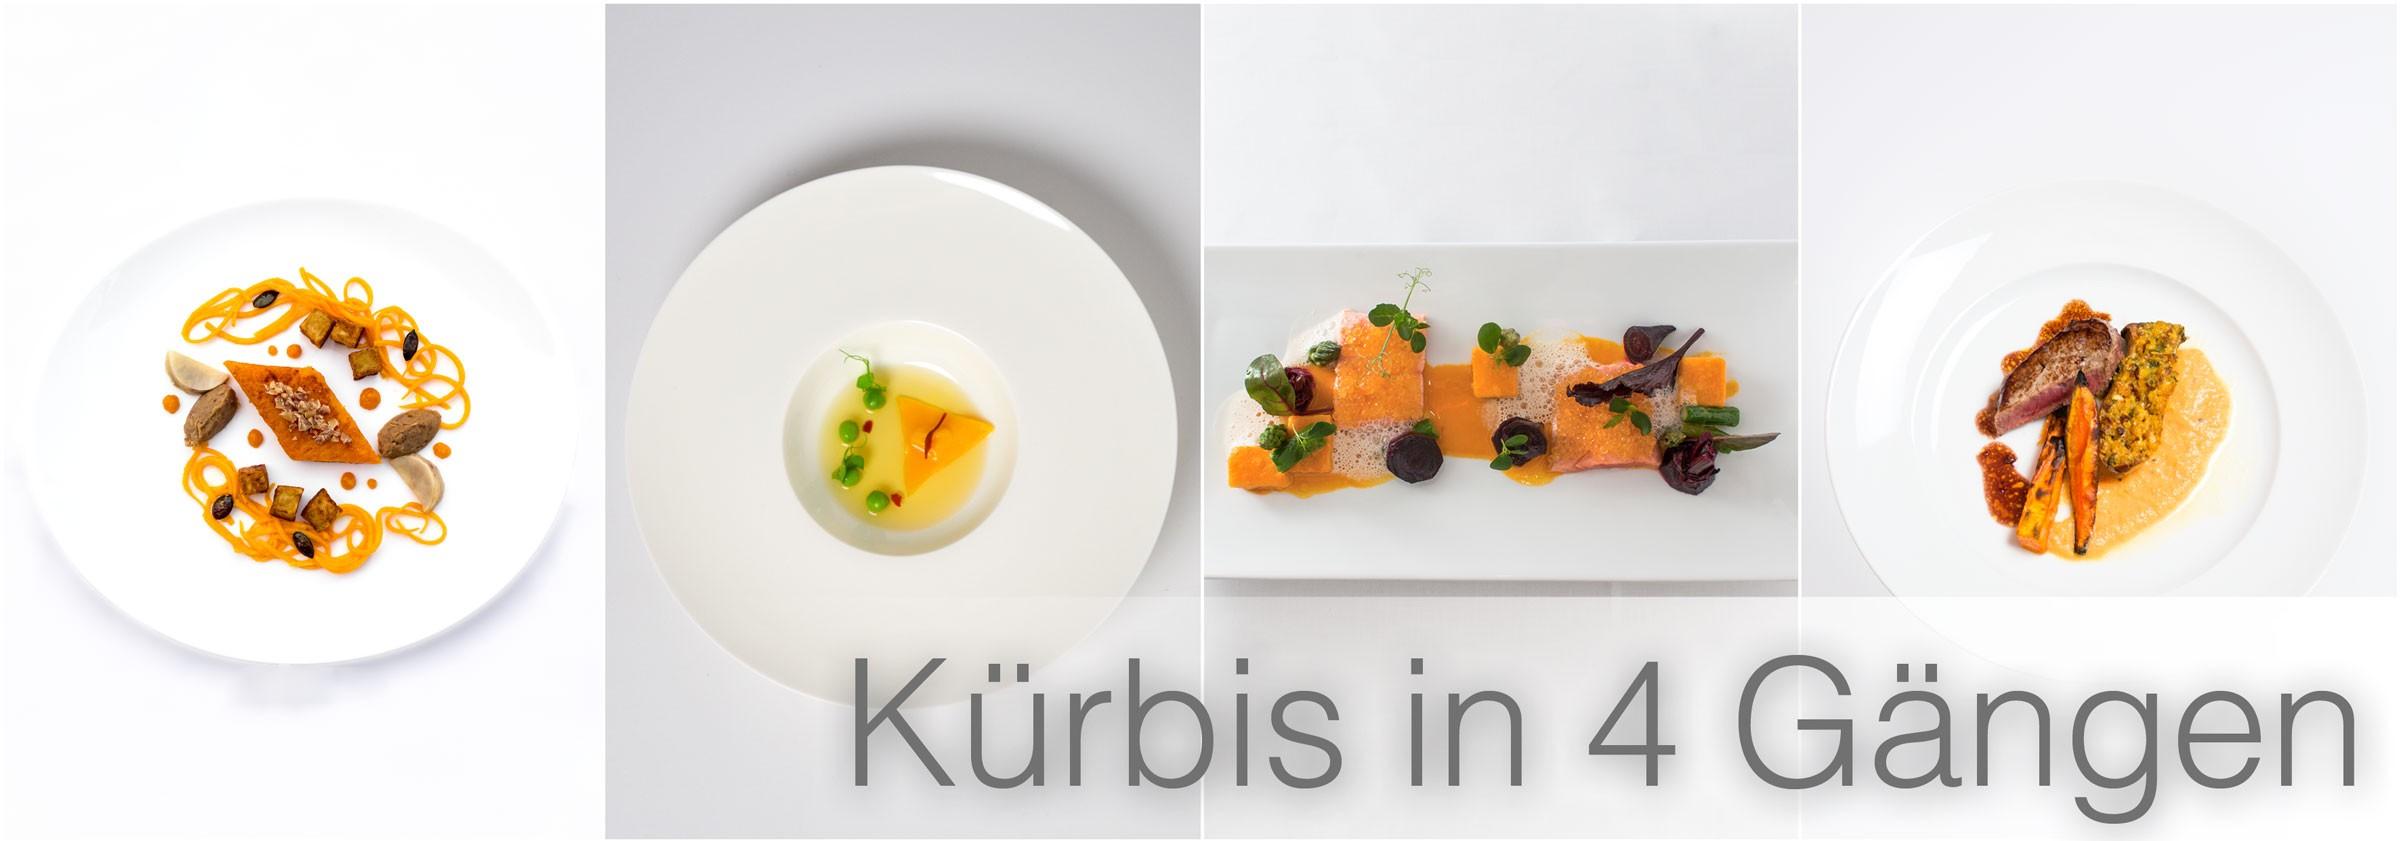 Kürbis-in-4-Gängen-4